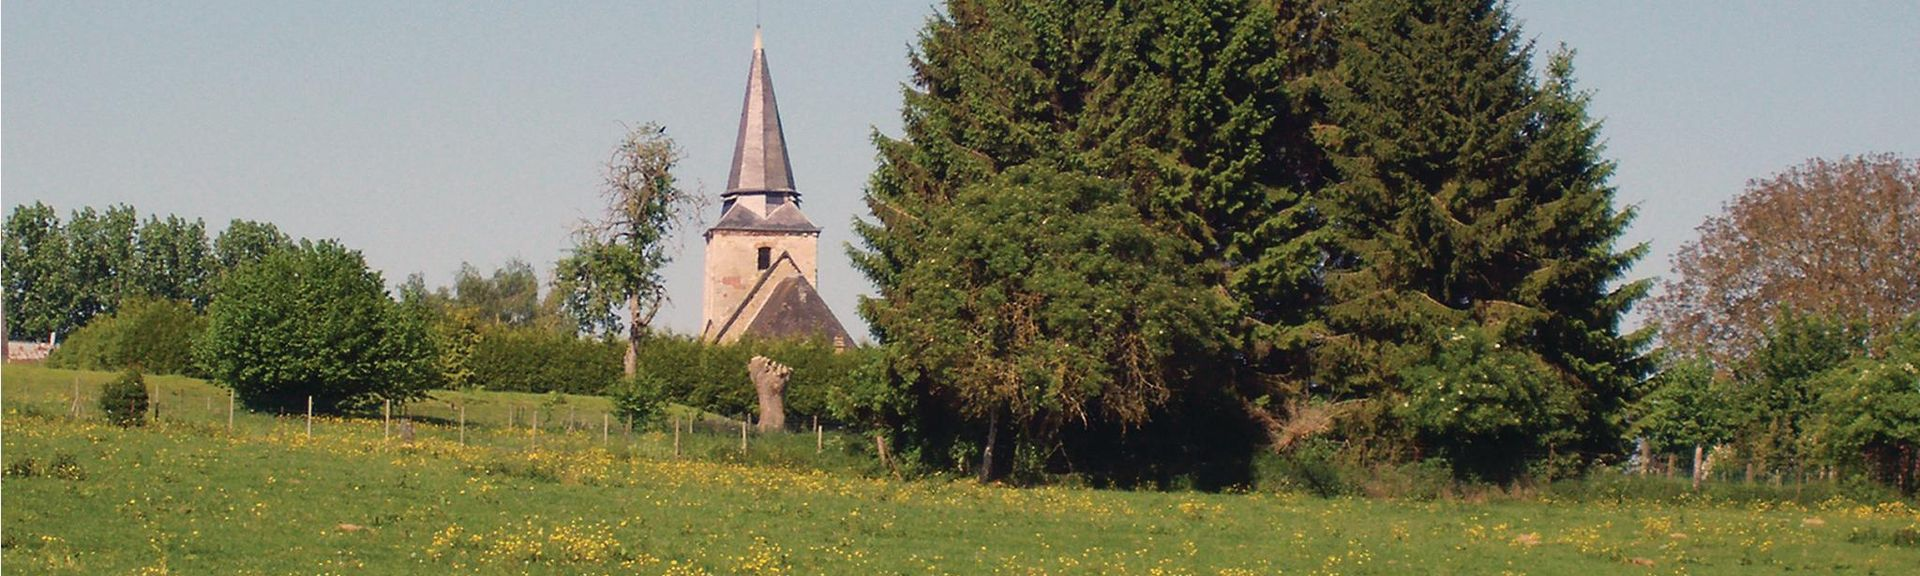 Paroisse Notre-Dame des Sources, Hauts-de-France, Francia